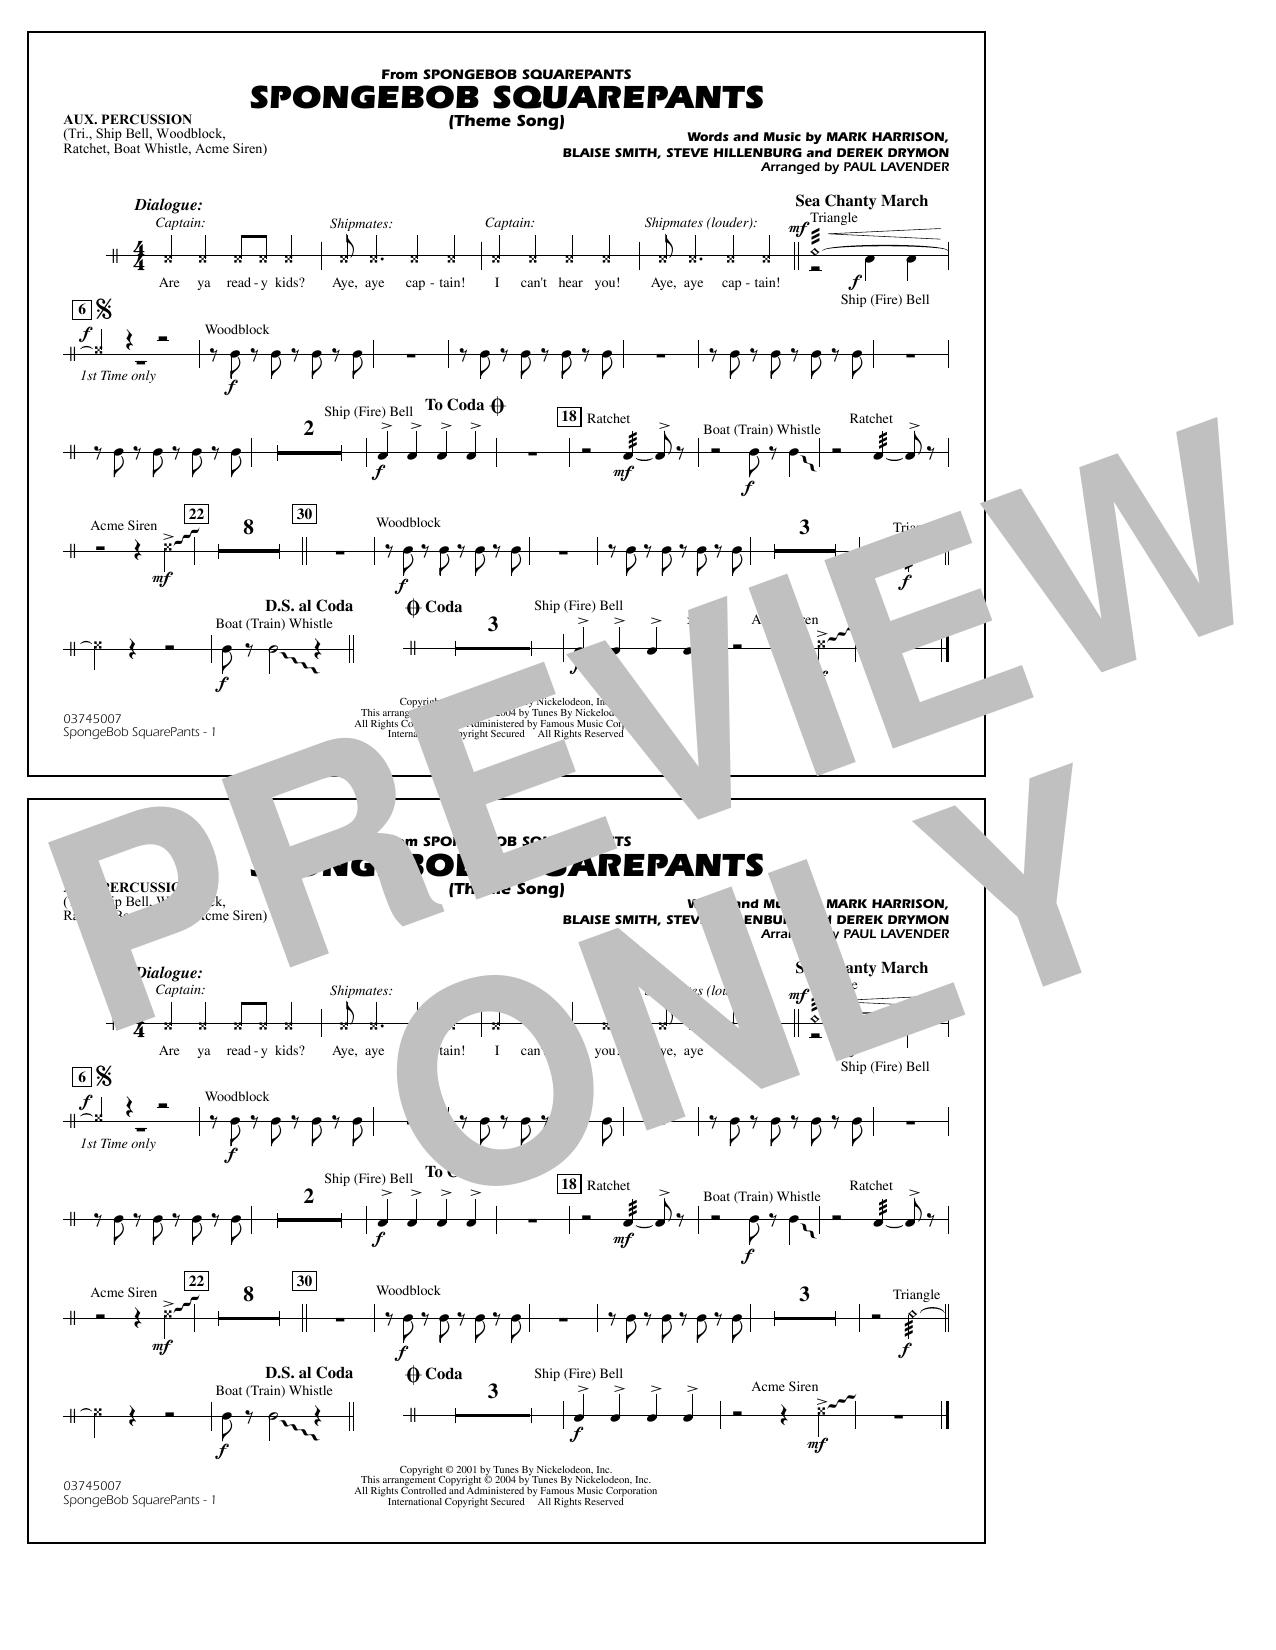 Steve Hillenburg Spongebob Squarepants (Theme Song) (arr. Paul Lavender) - Aux Percussion sheet music notes and chords. Download Printable PDF.